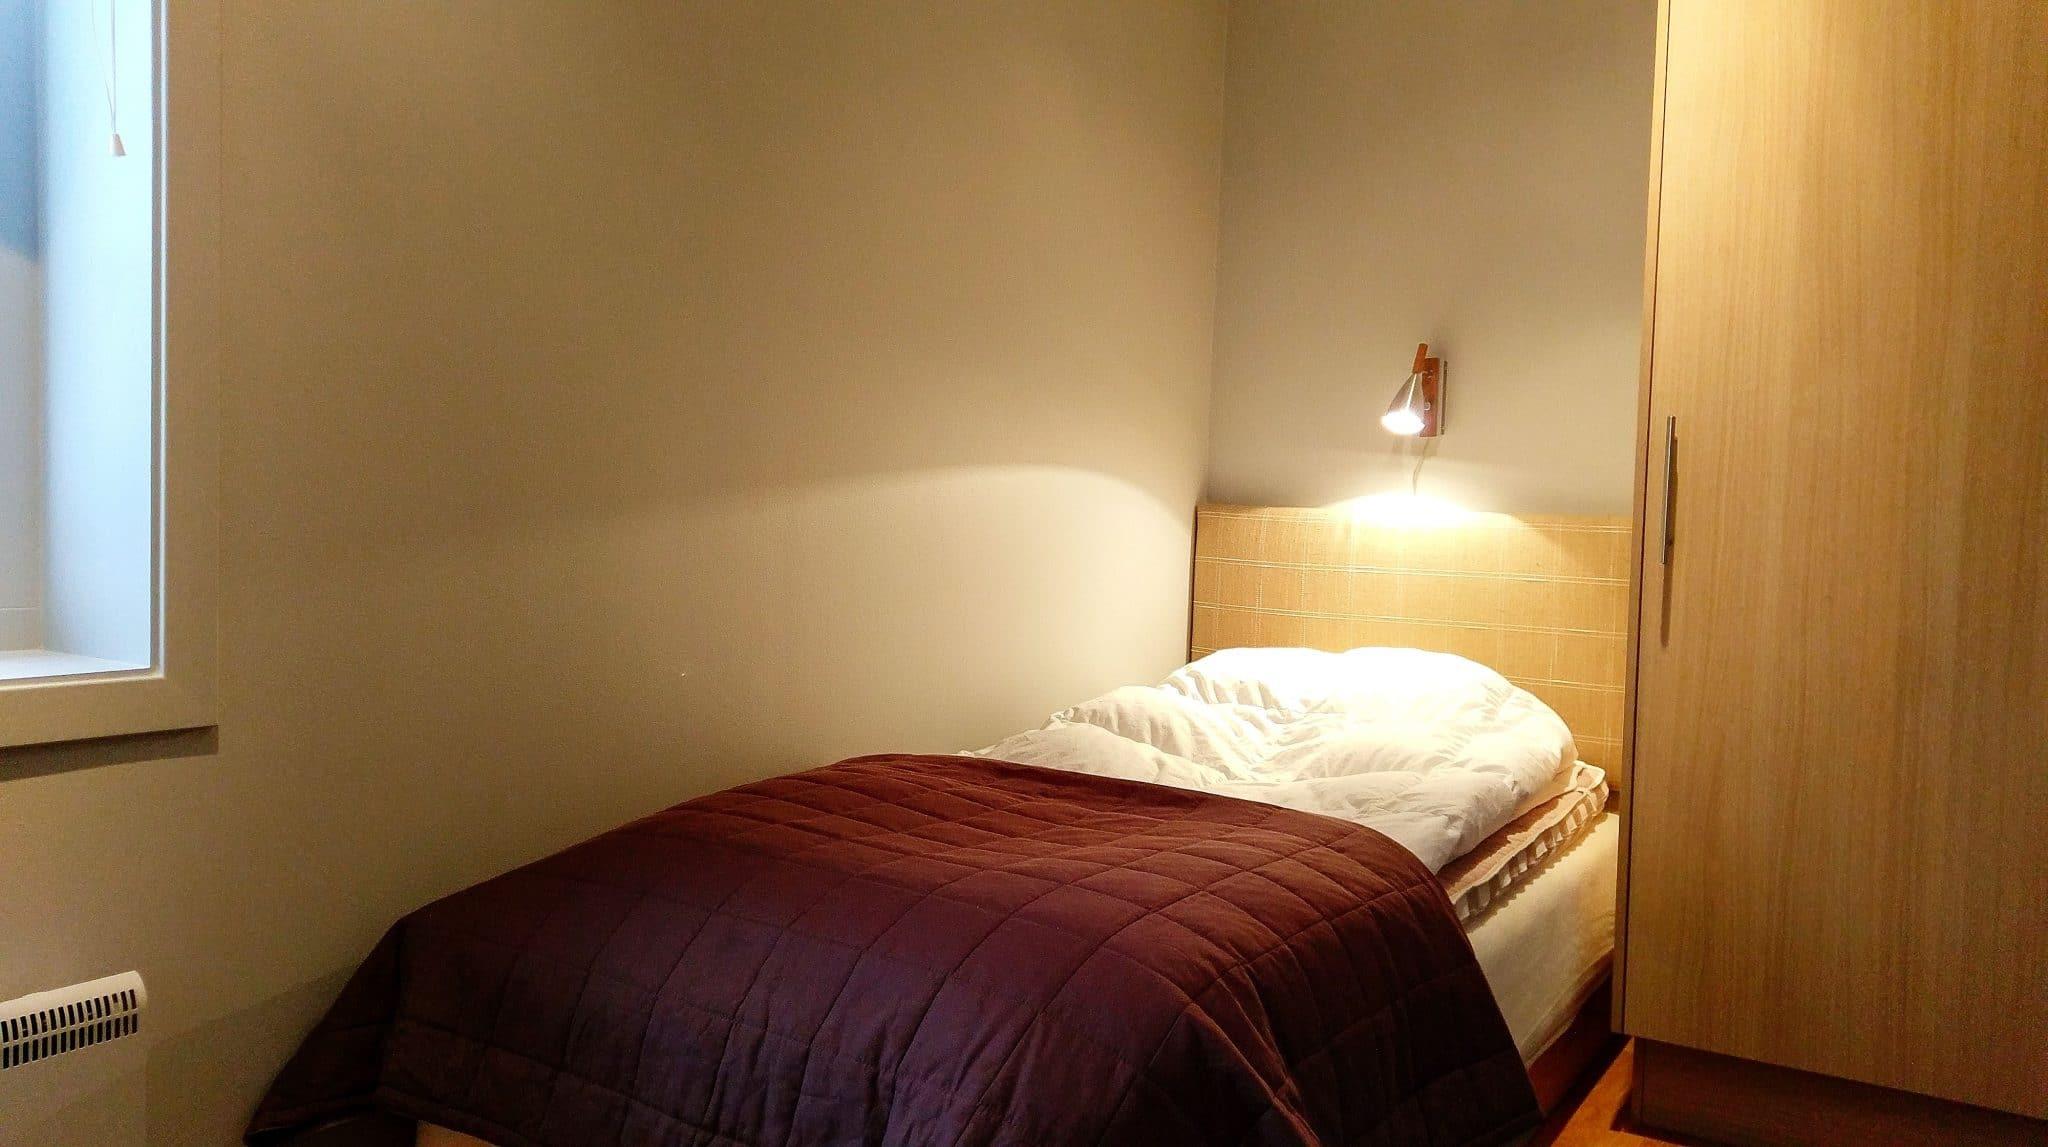 Enkelsäng finns i två av lägenhetens sovrum